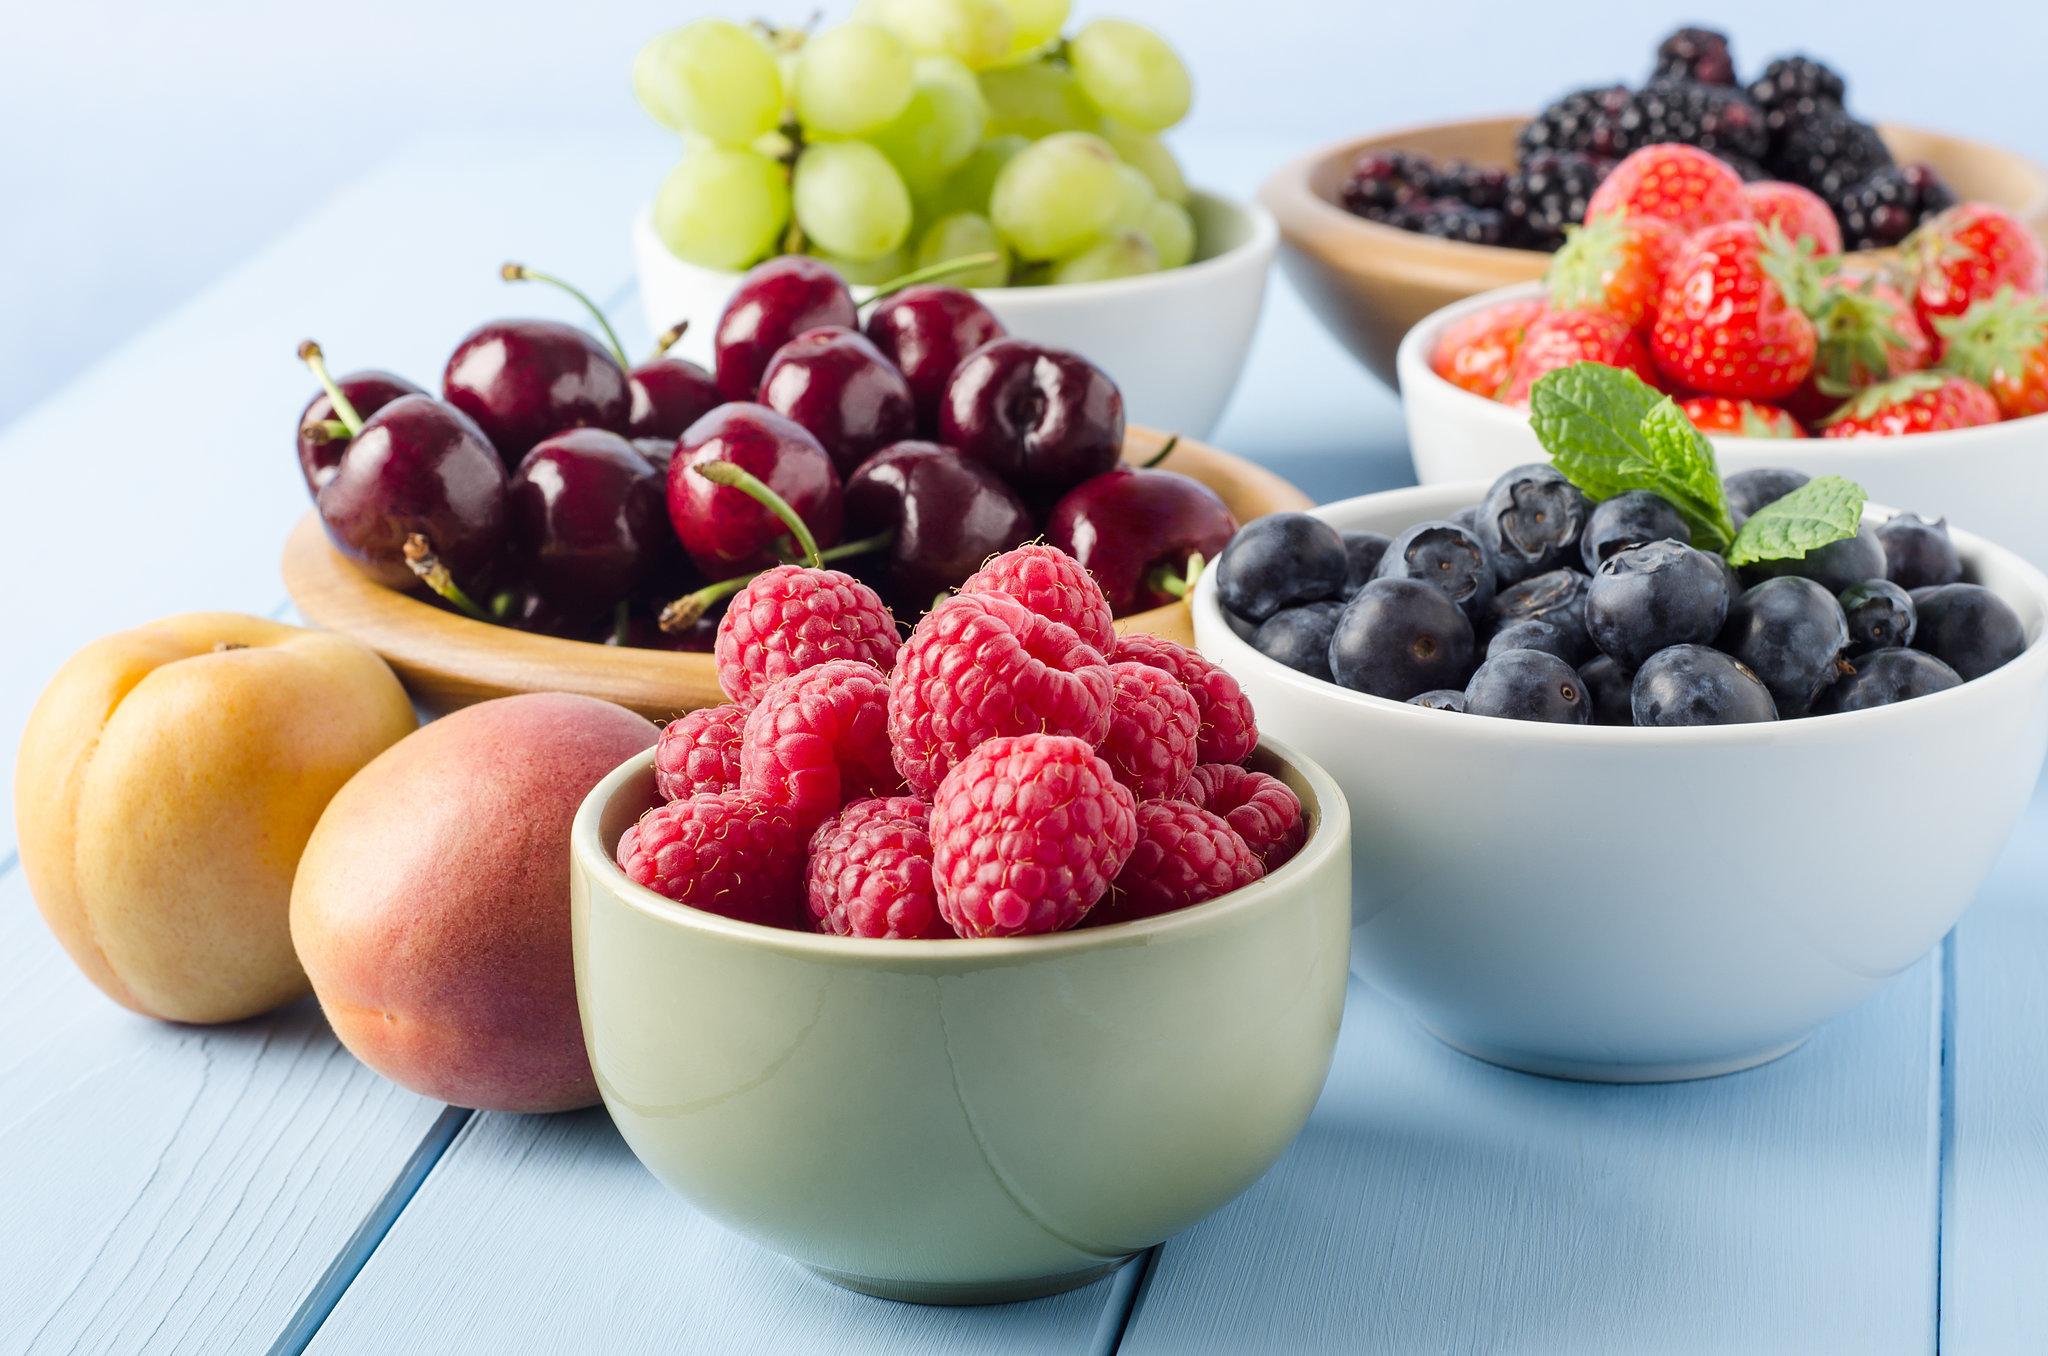 fruets cherries strawberries peaches raspberries blueberries